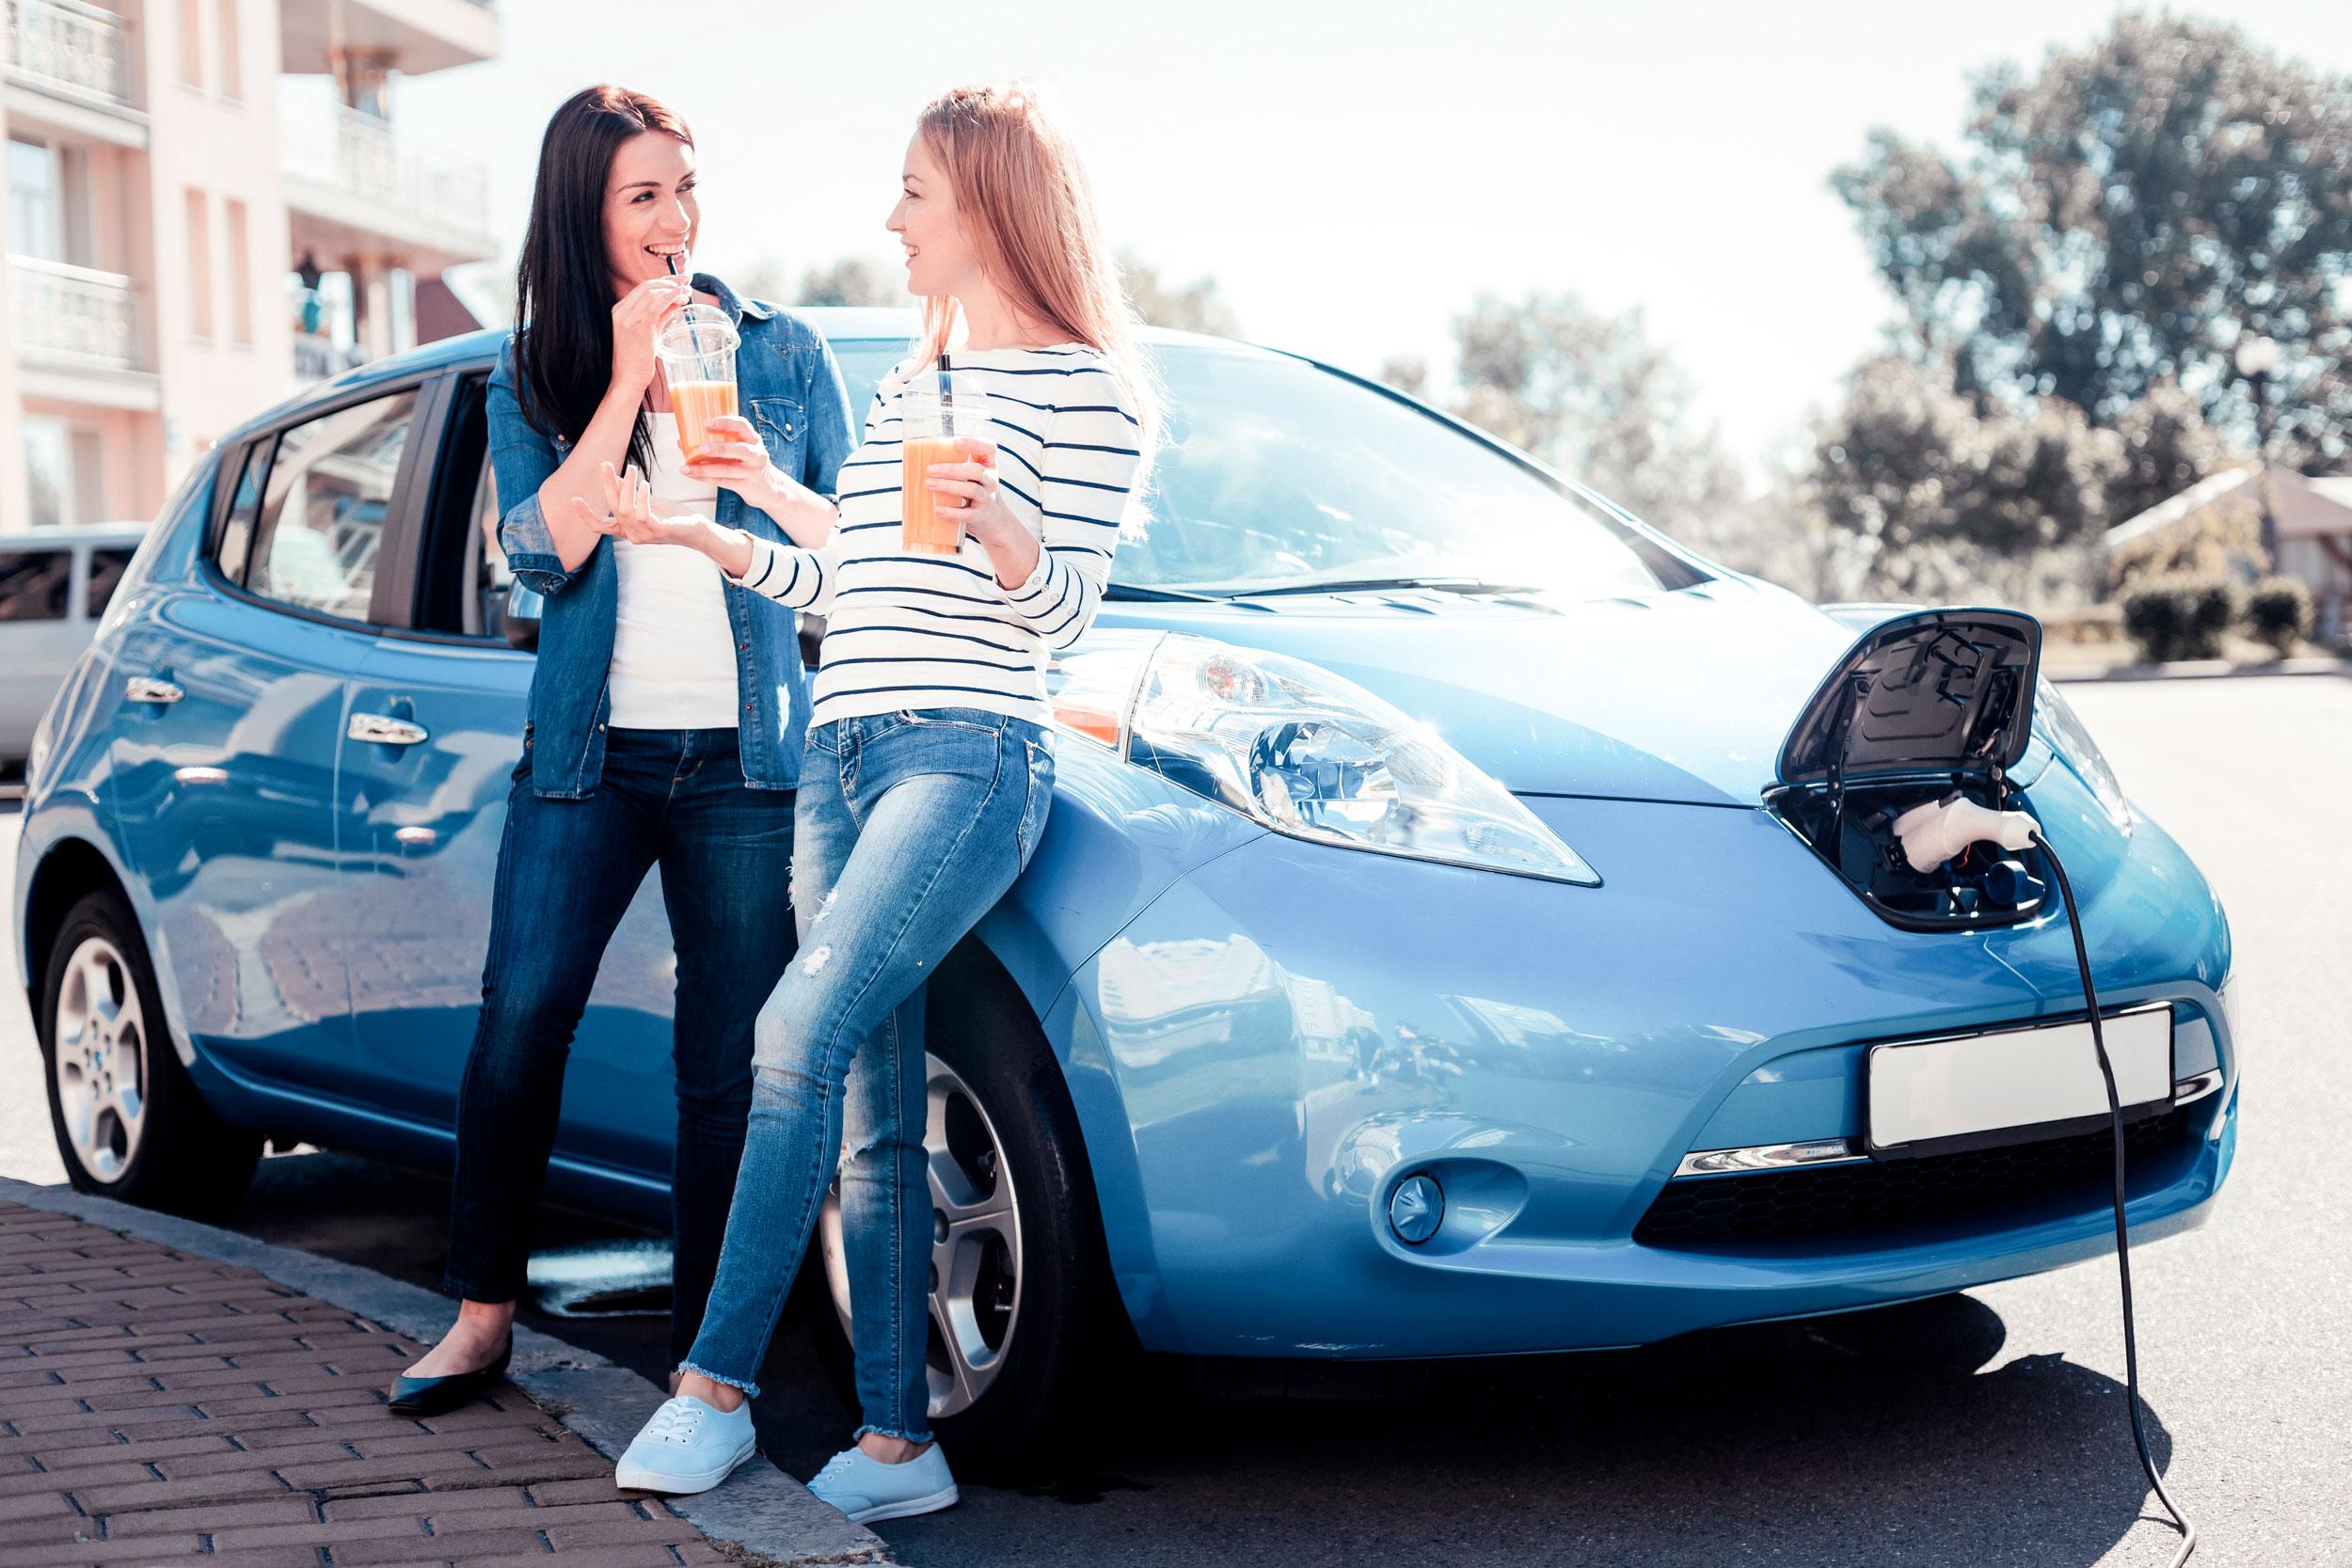 Elektroauto Marburg - Frauen die sich beim Laden Ihres Elektroautos unterhalten